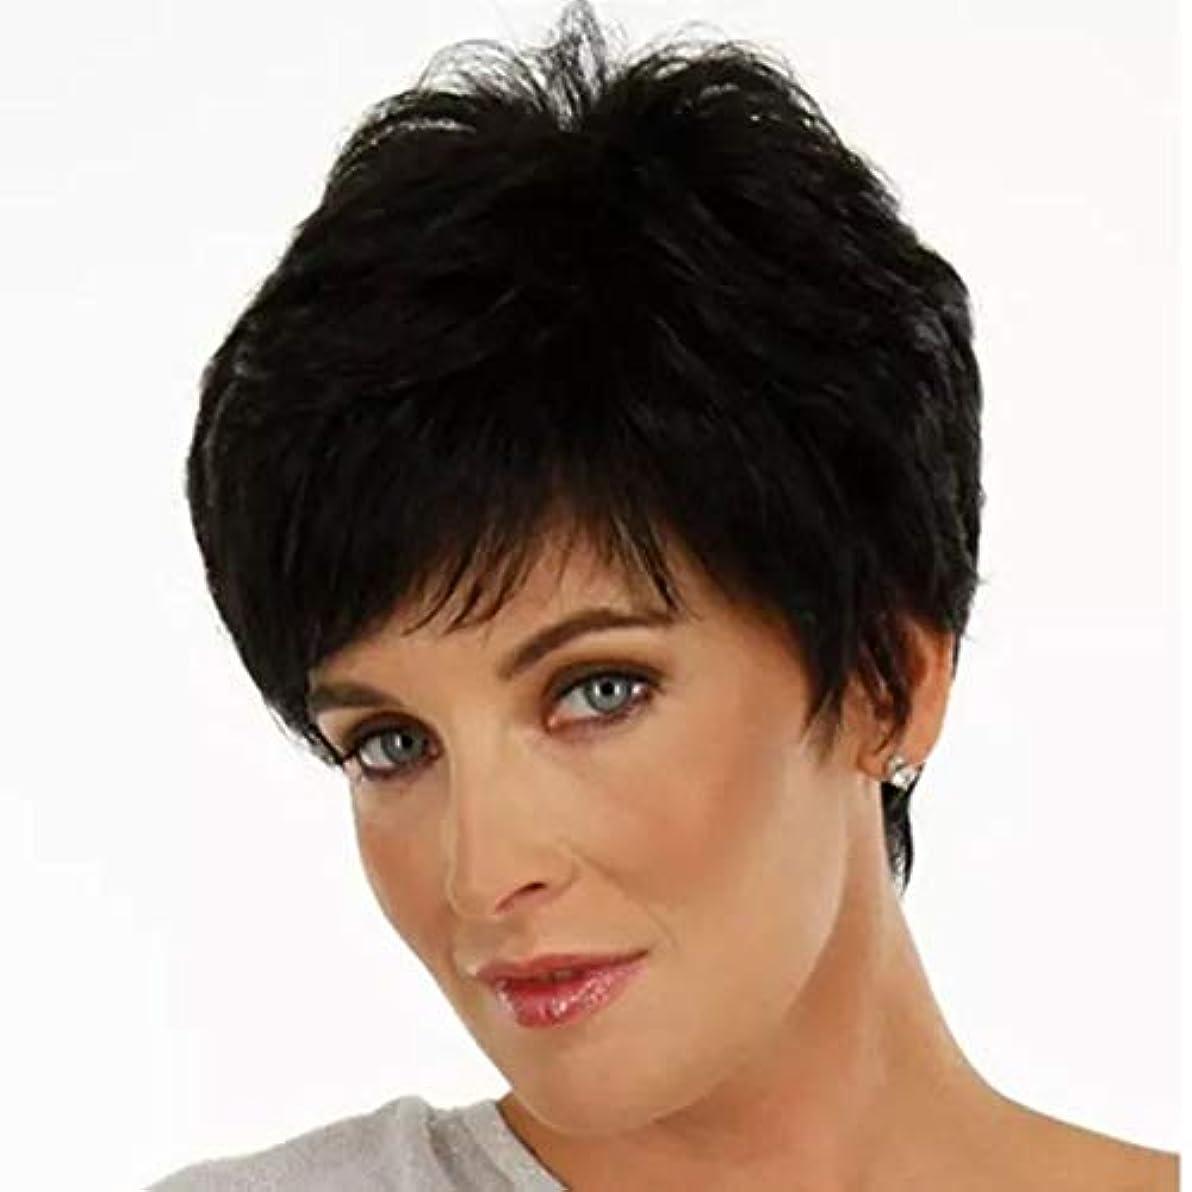 賛辞枝化学薬品Summerys 女性のための短いストレートヘアケアファイバー高温シルクウィッグヘッドギアをかつら